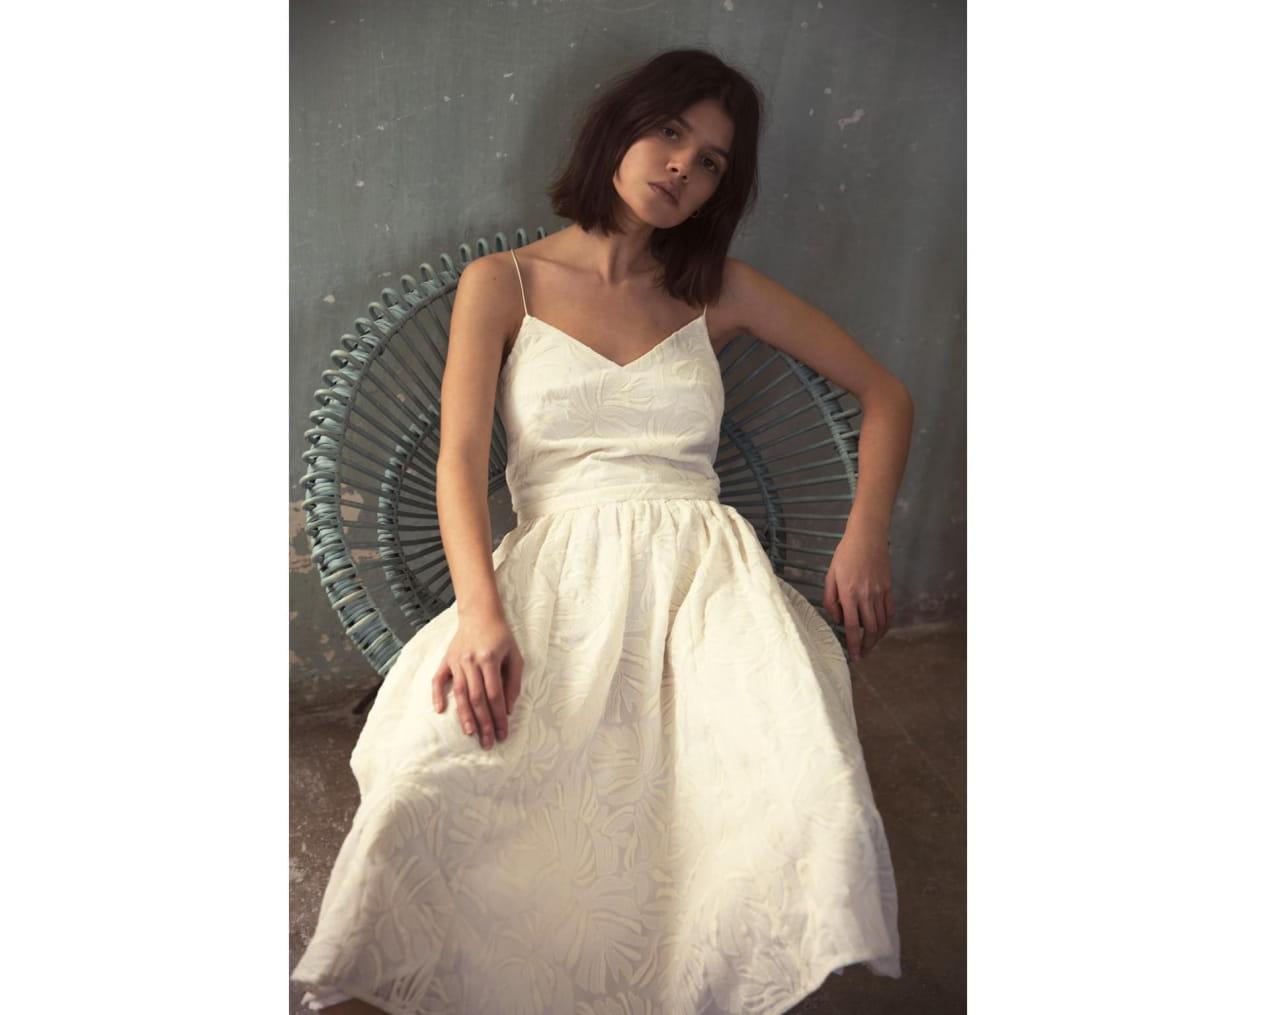 femme-assise-robe-love-night